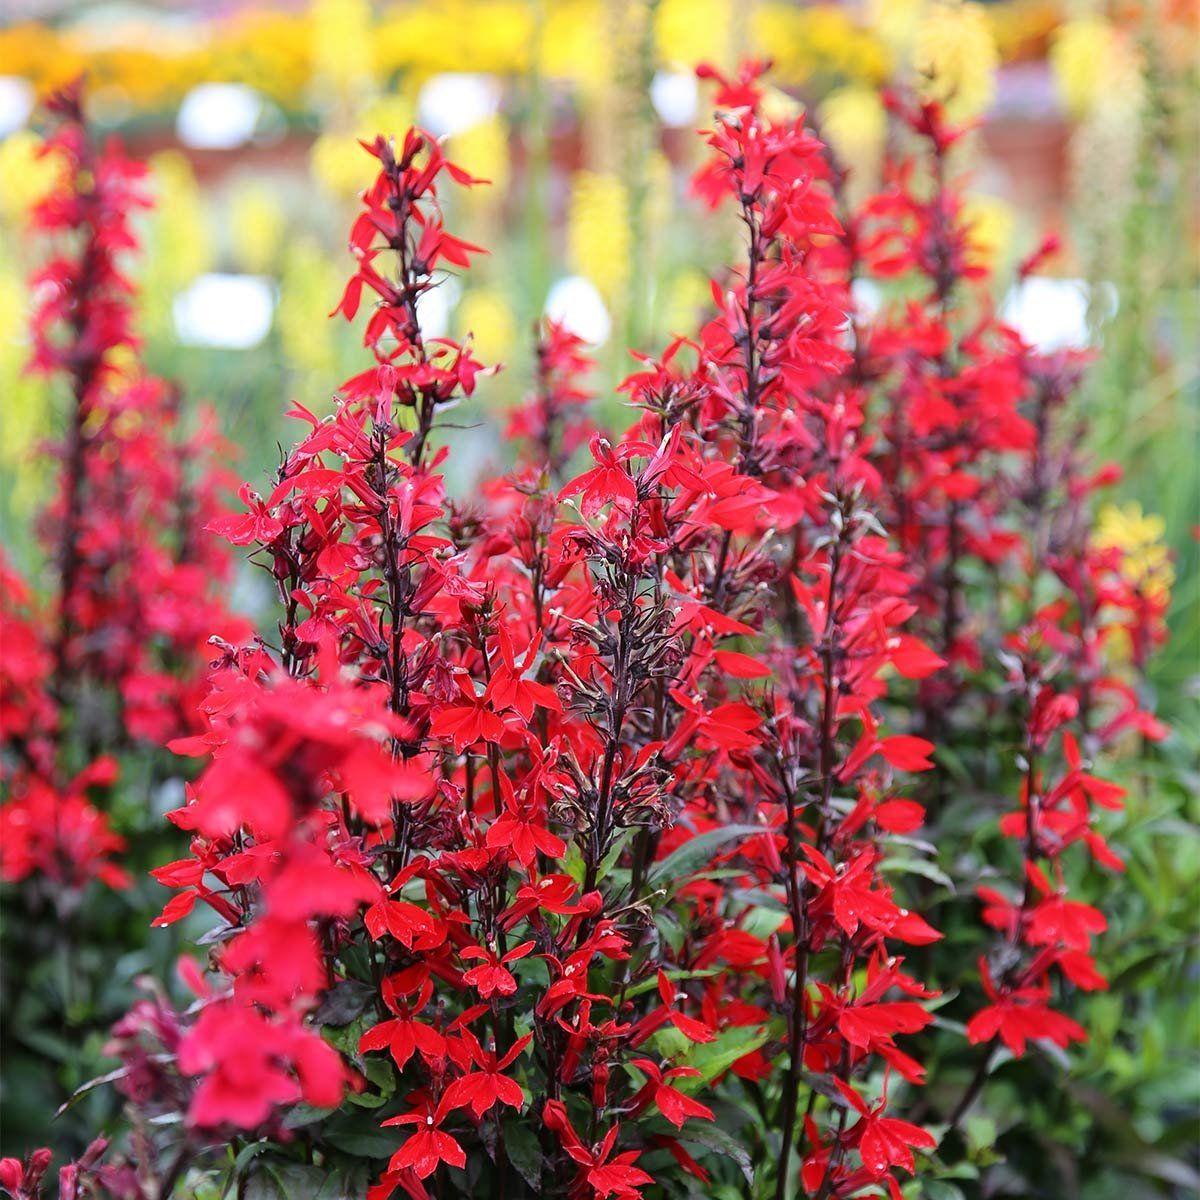 Kardinals Lobelie 3 Pflanzen In 2020 Winterharte Pflanzen Garten Pflanzen Gartenpflanzen Winterhart